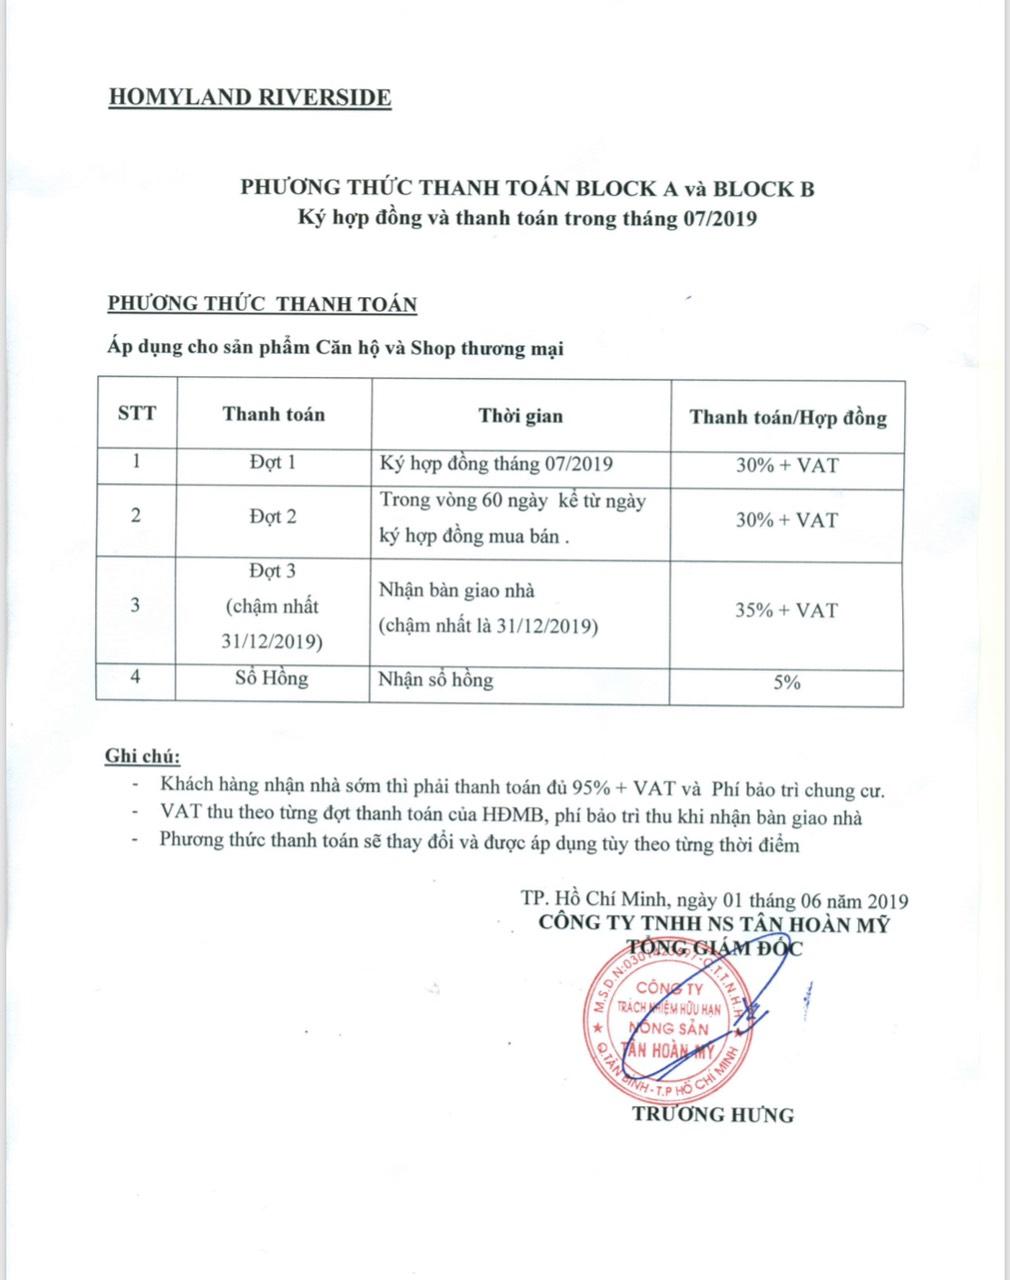 phuong thuc thanh toan homyland 3